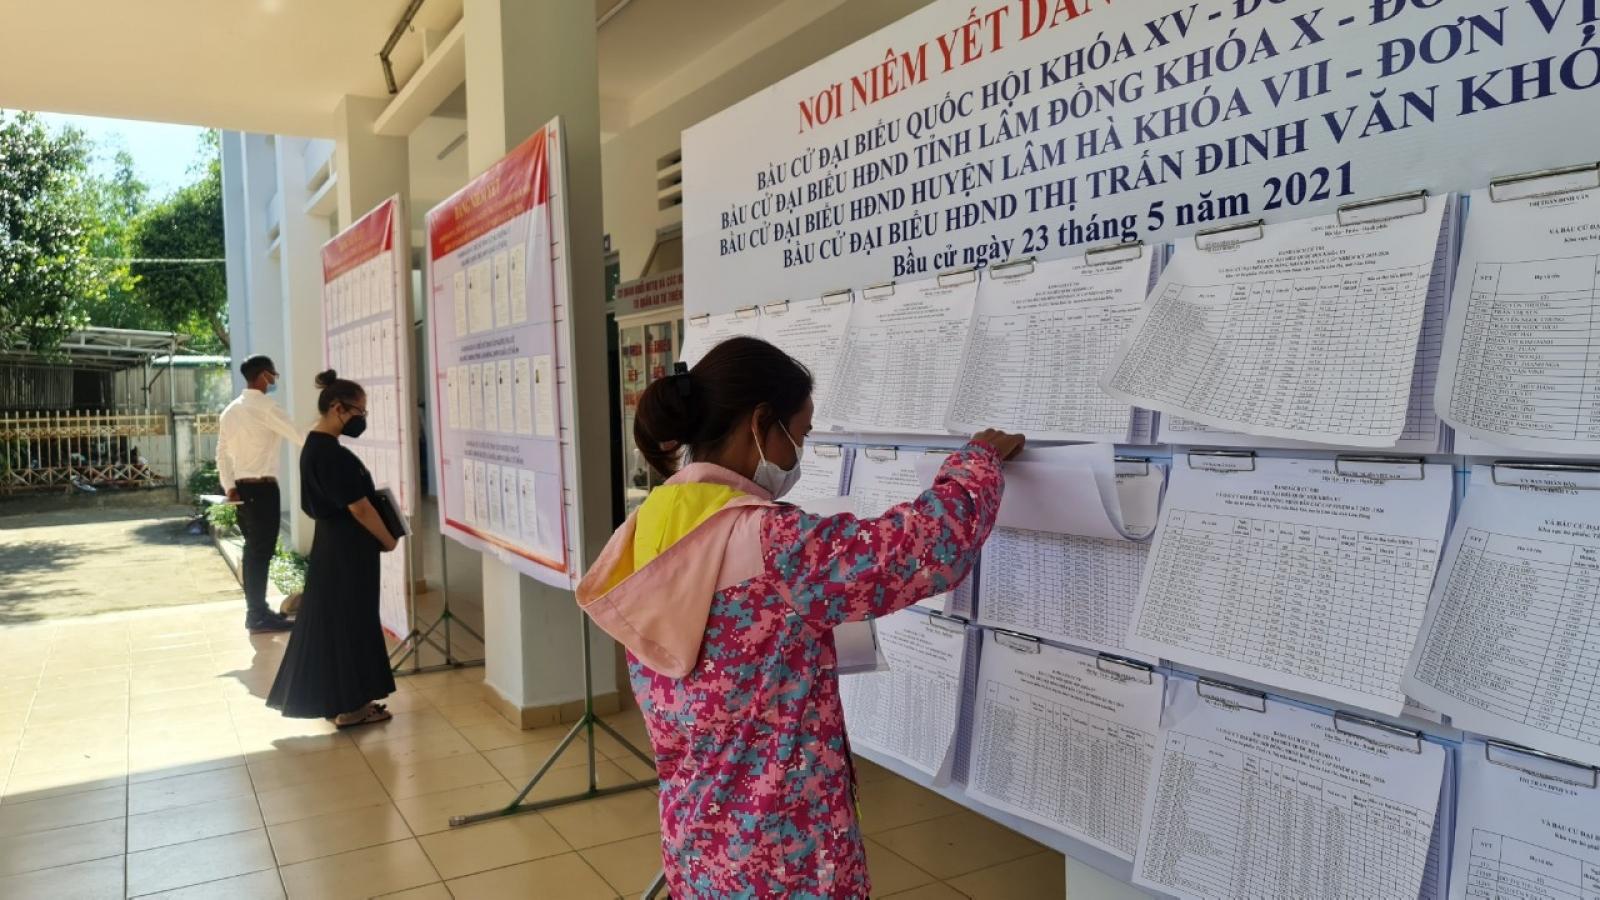 Lâm Đồng tổ chức tiếp xúc cử tri trực tuyến để phòng, chống COVID-19